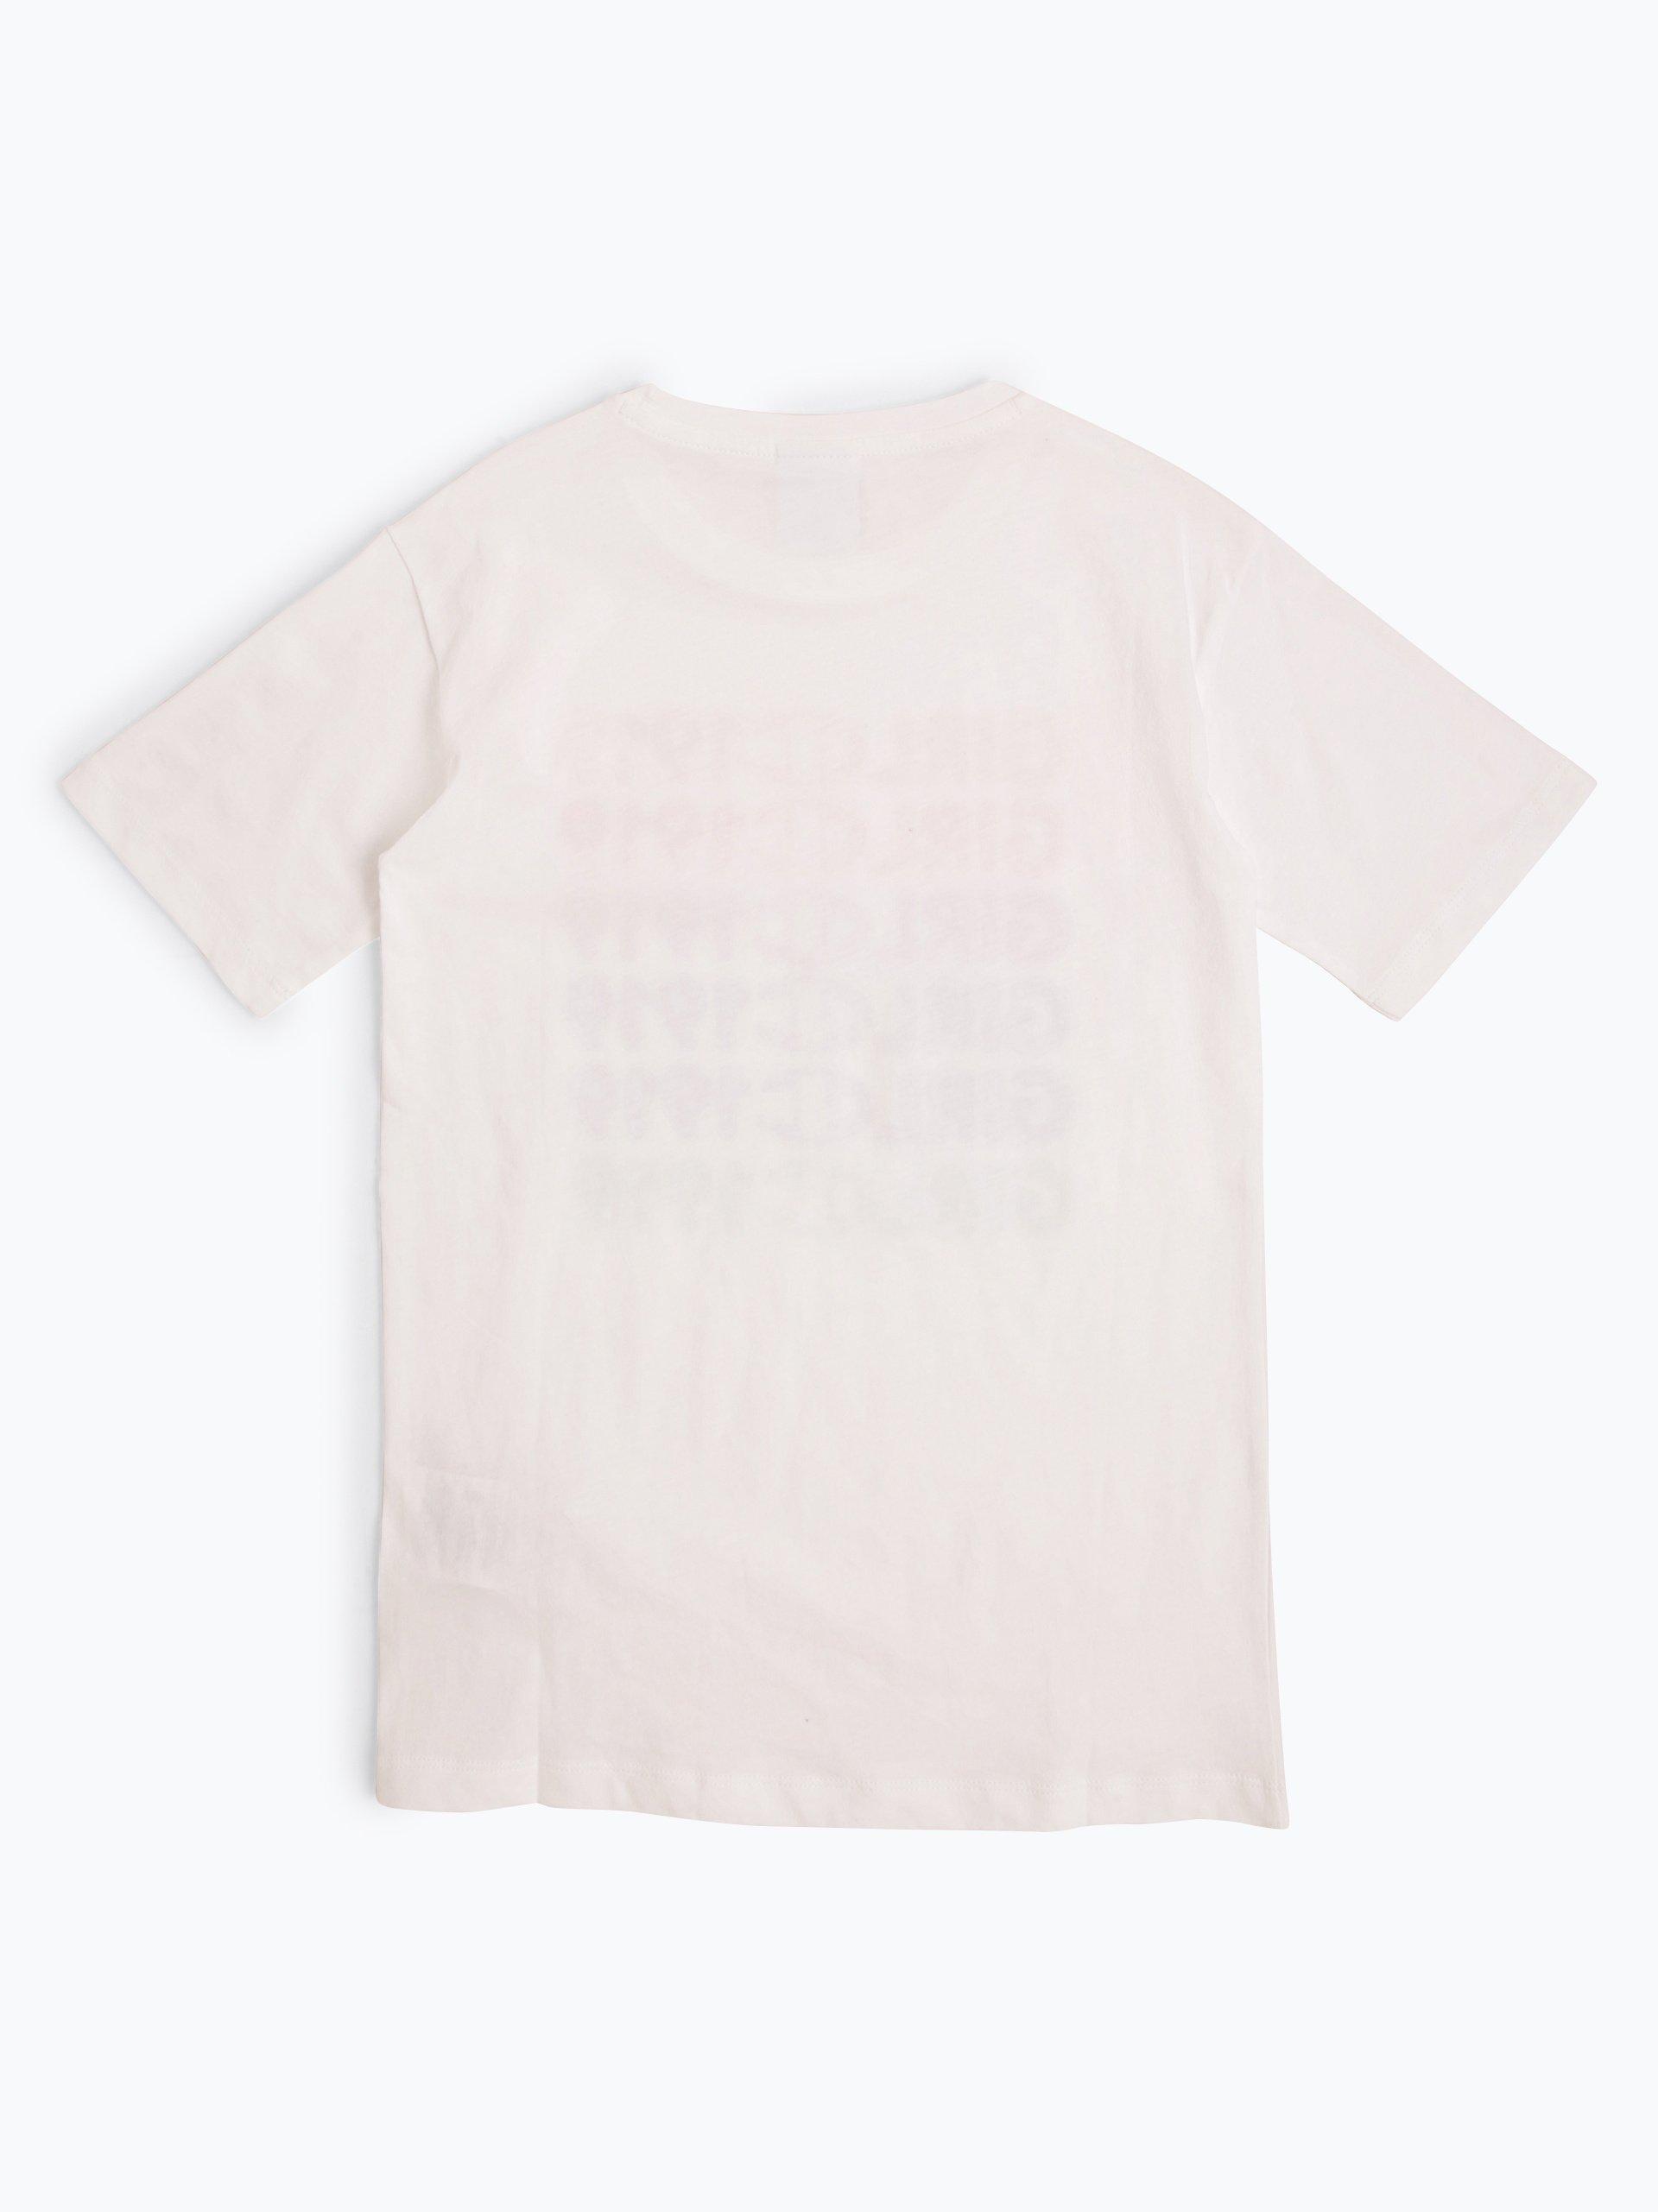 Champion Kids T-Shirt